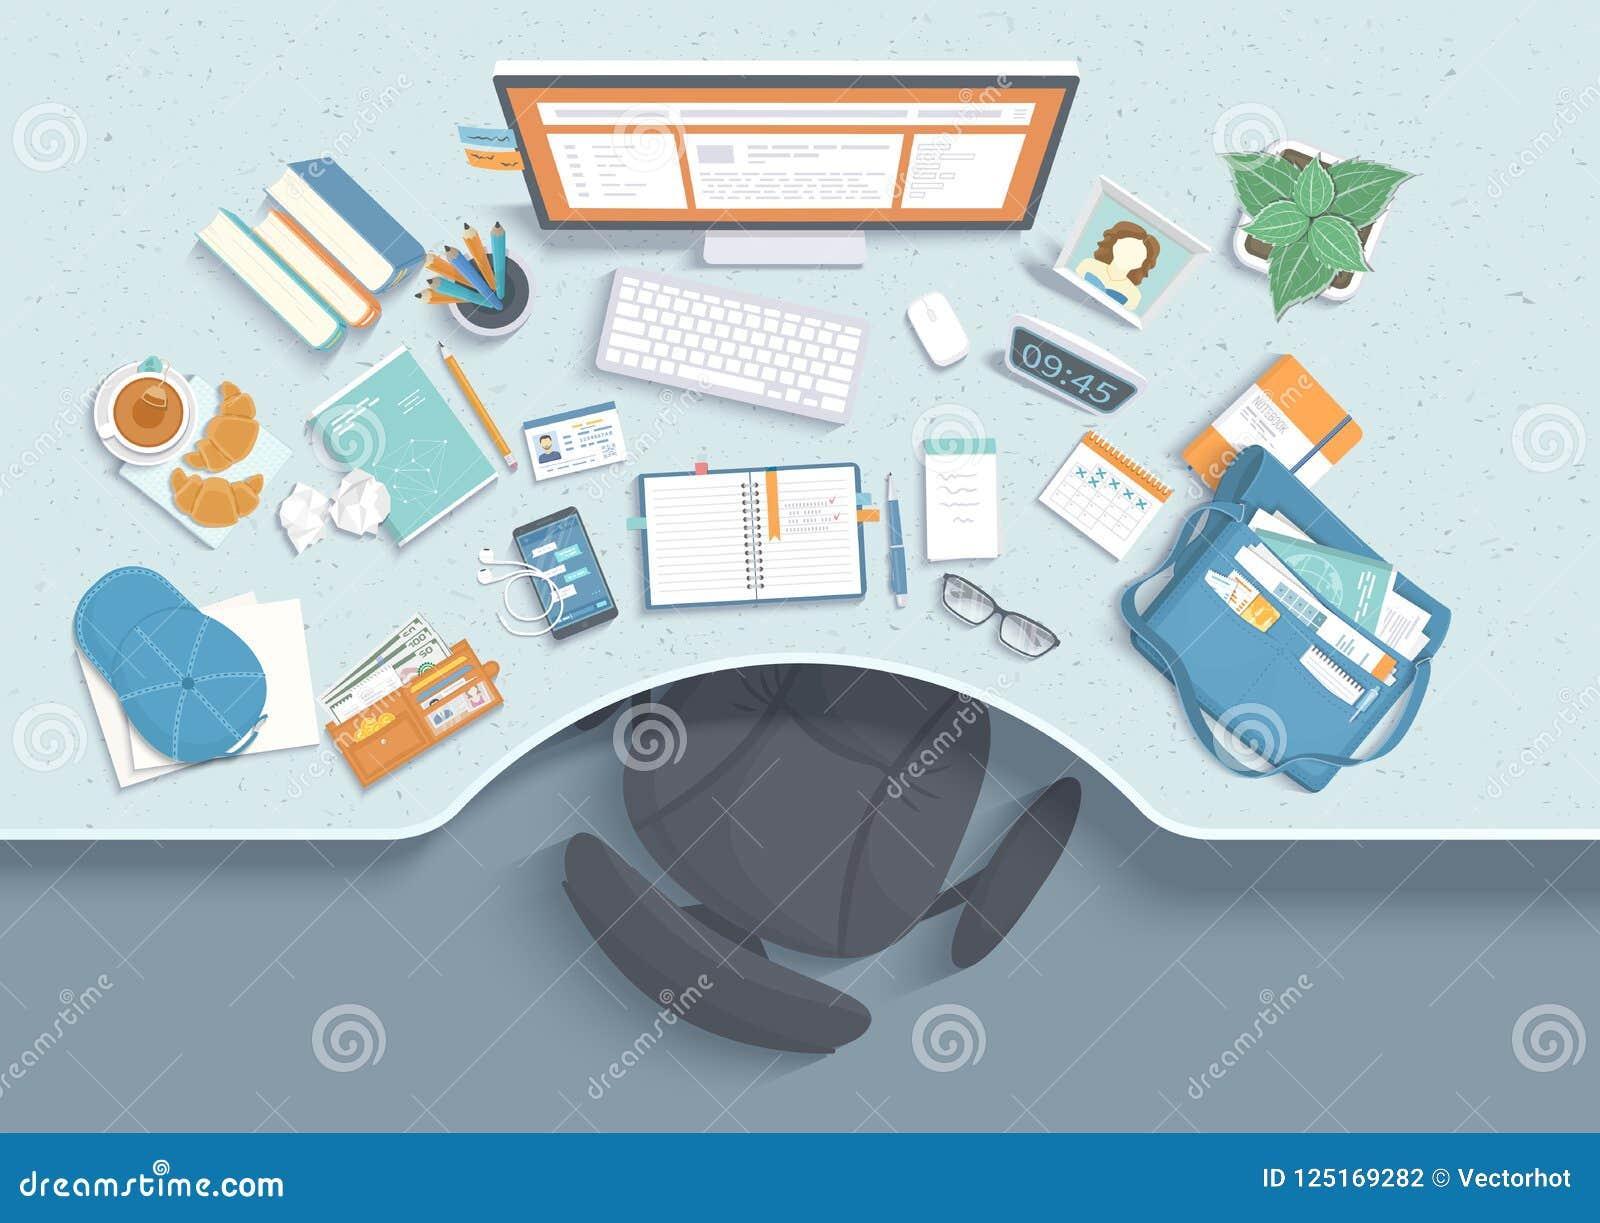 现代和时髦的工作场所顶视图  与凹进处的表,椅子,显示器,书,笔记本,耳机,电话